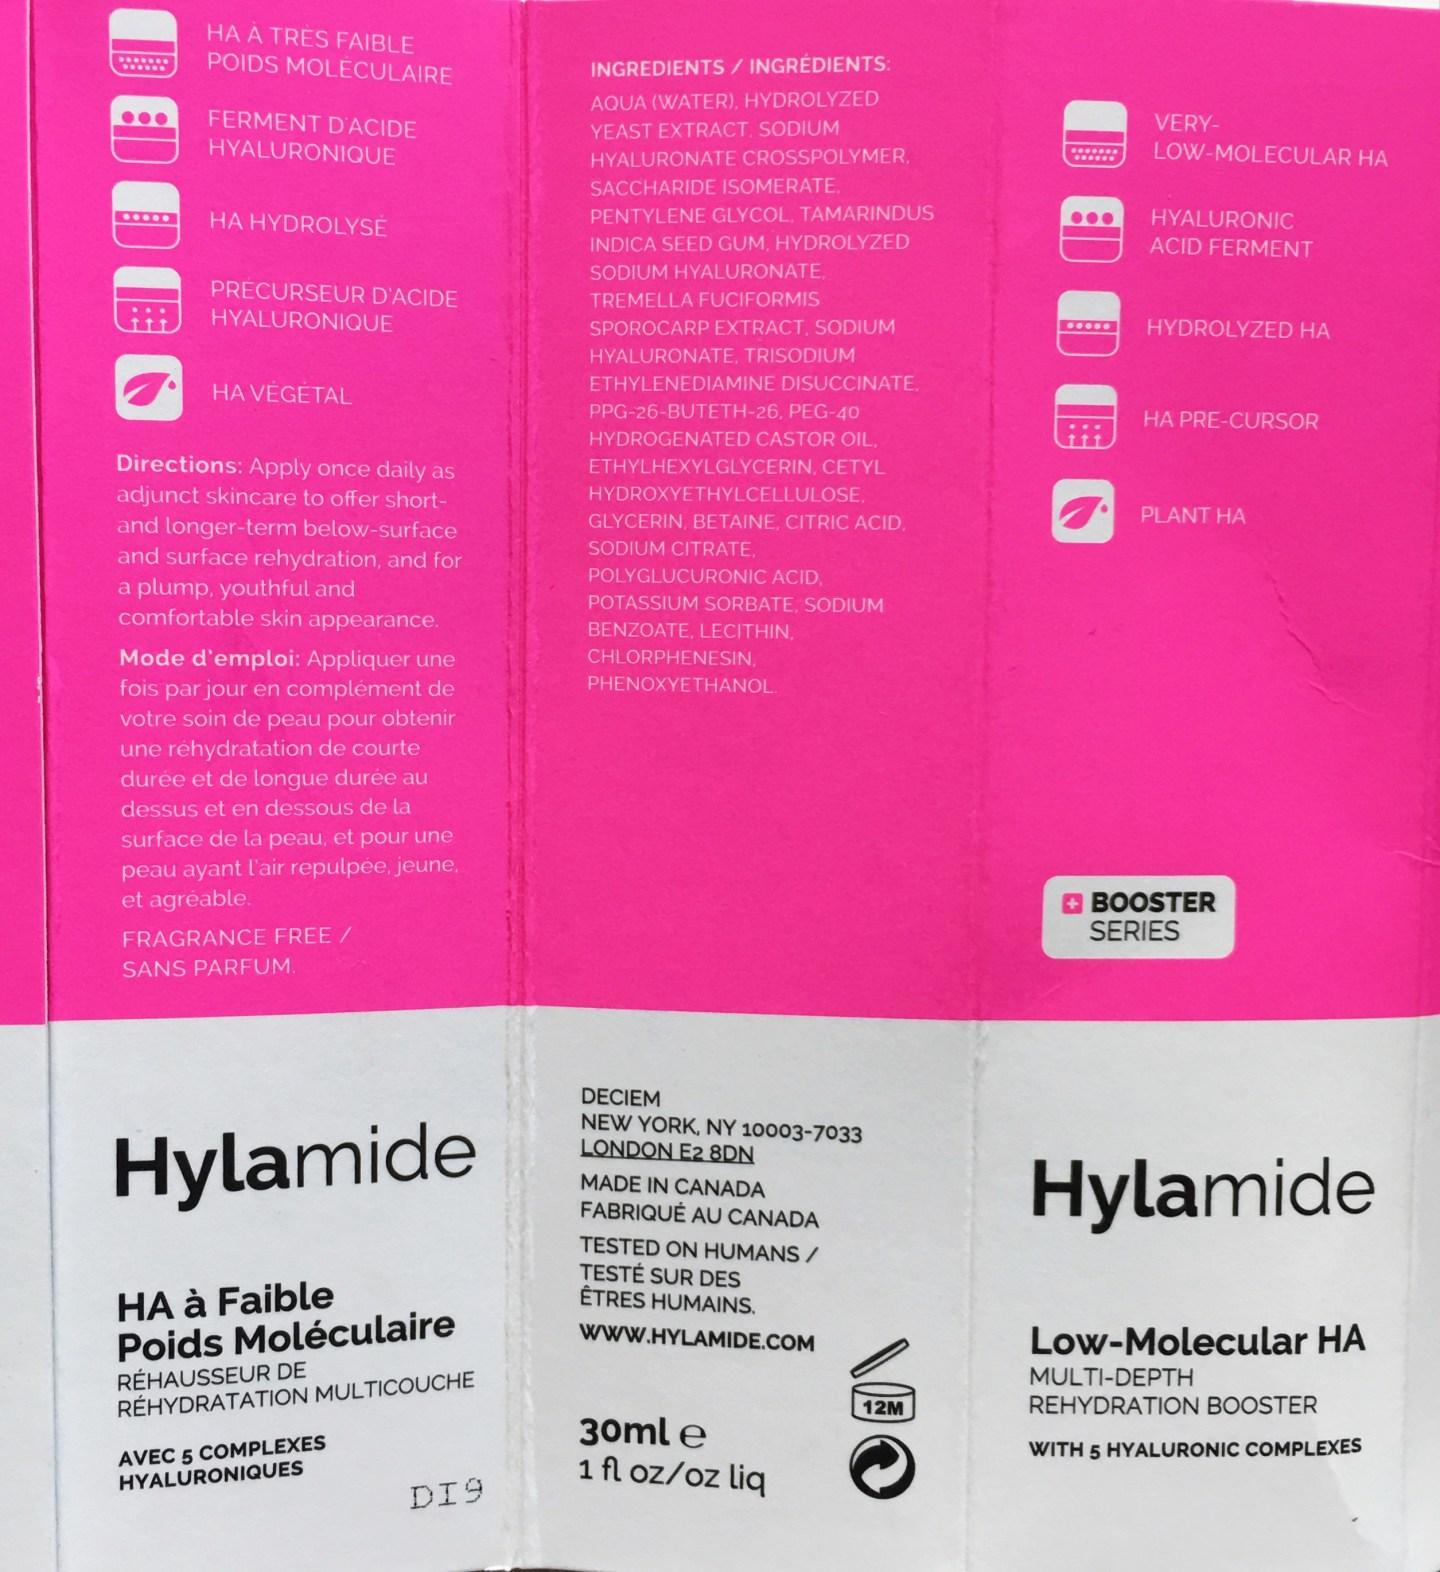 Hylamide Low-Molecular HA